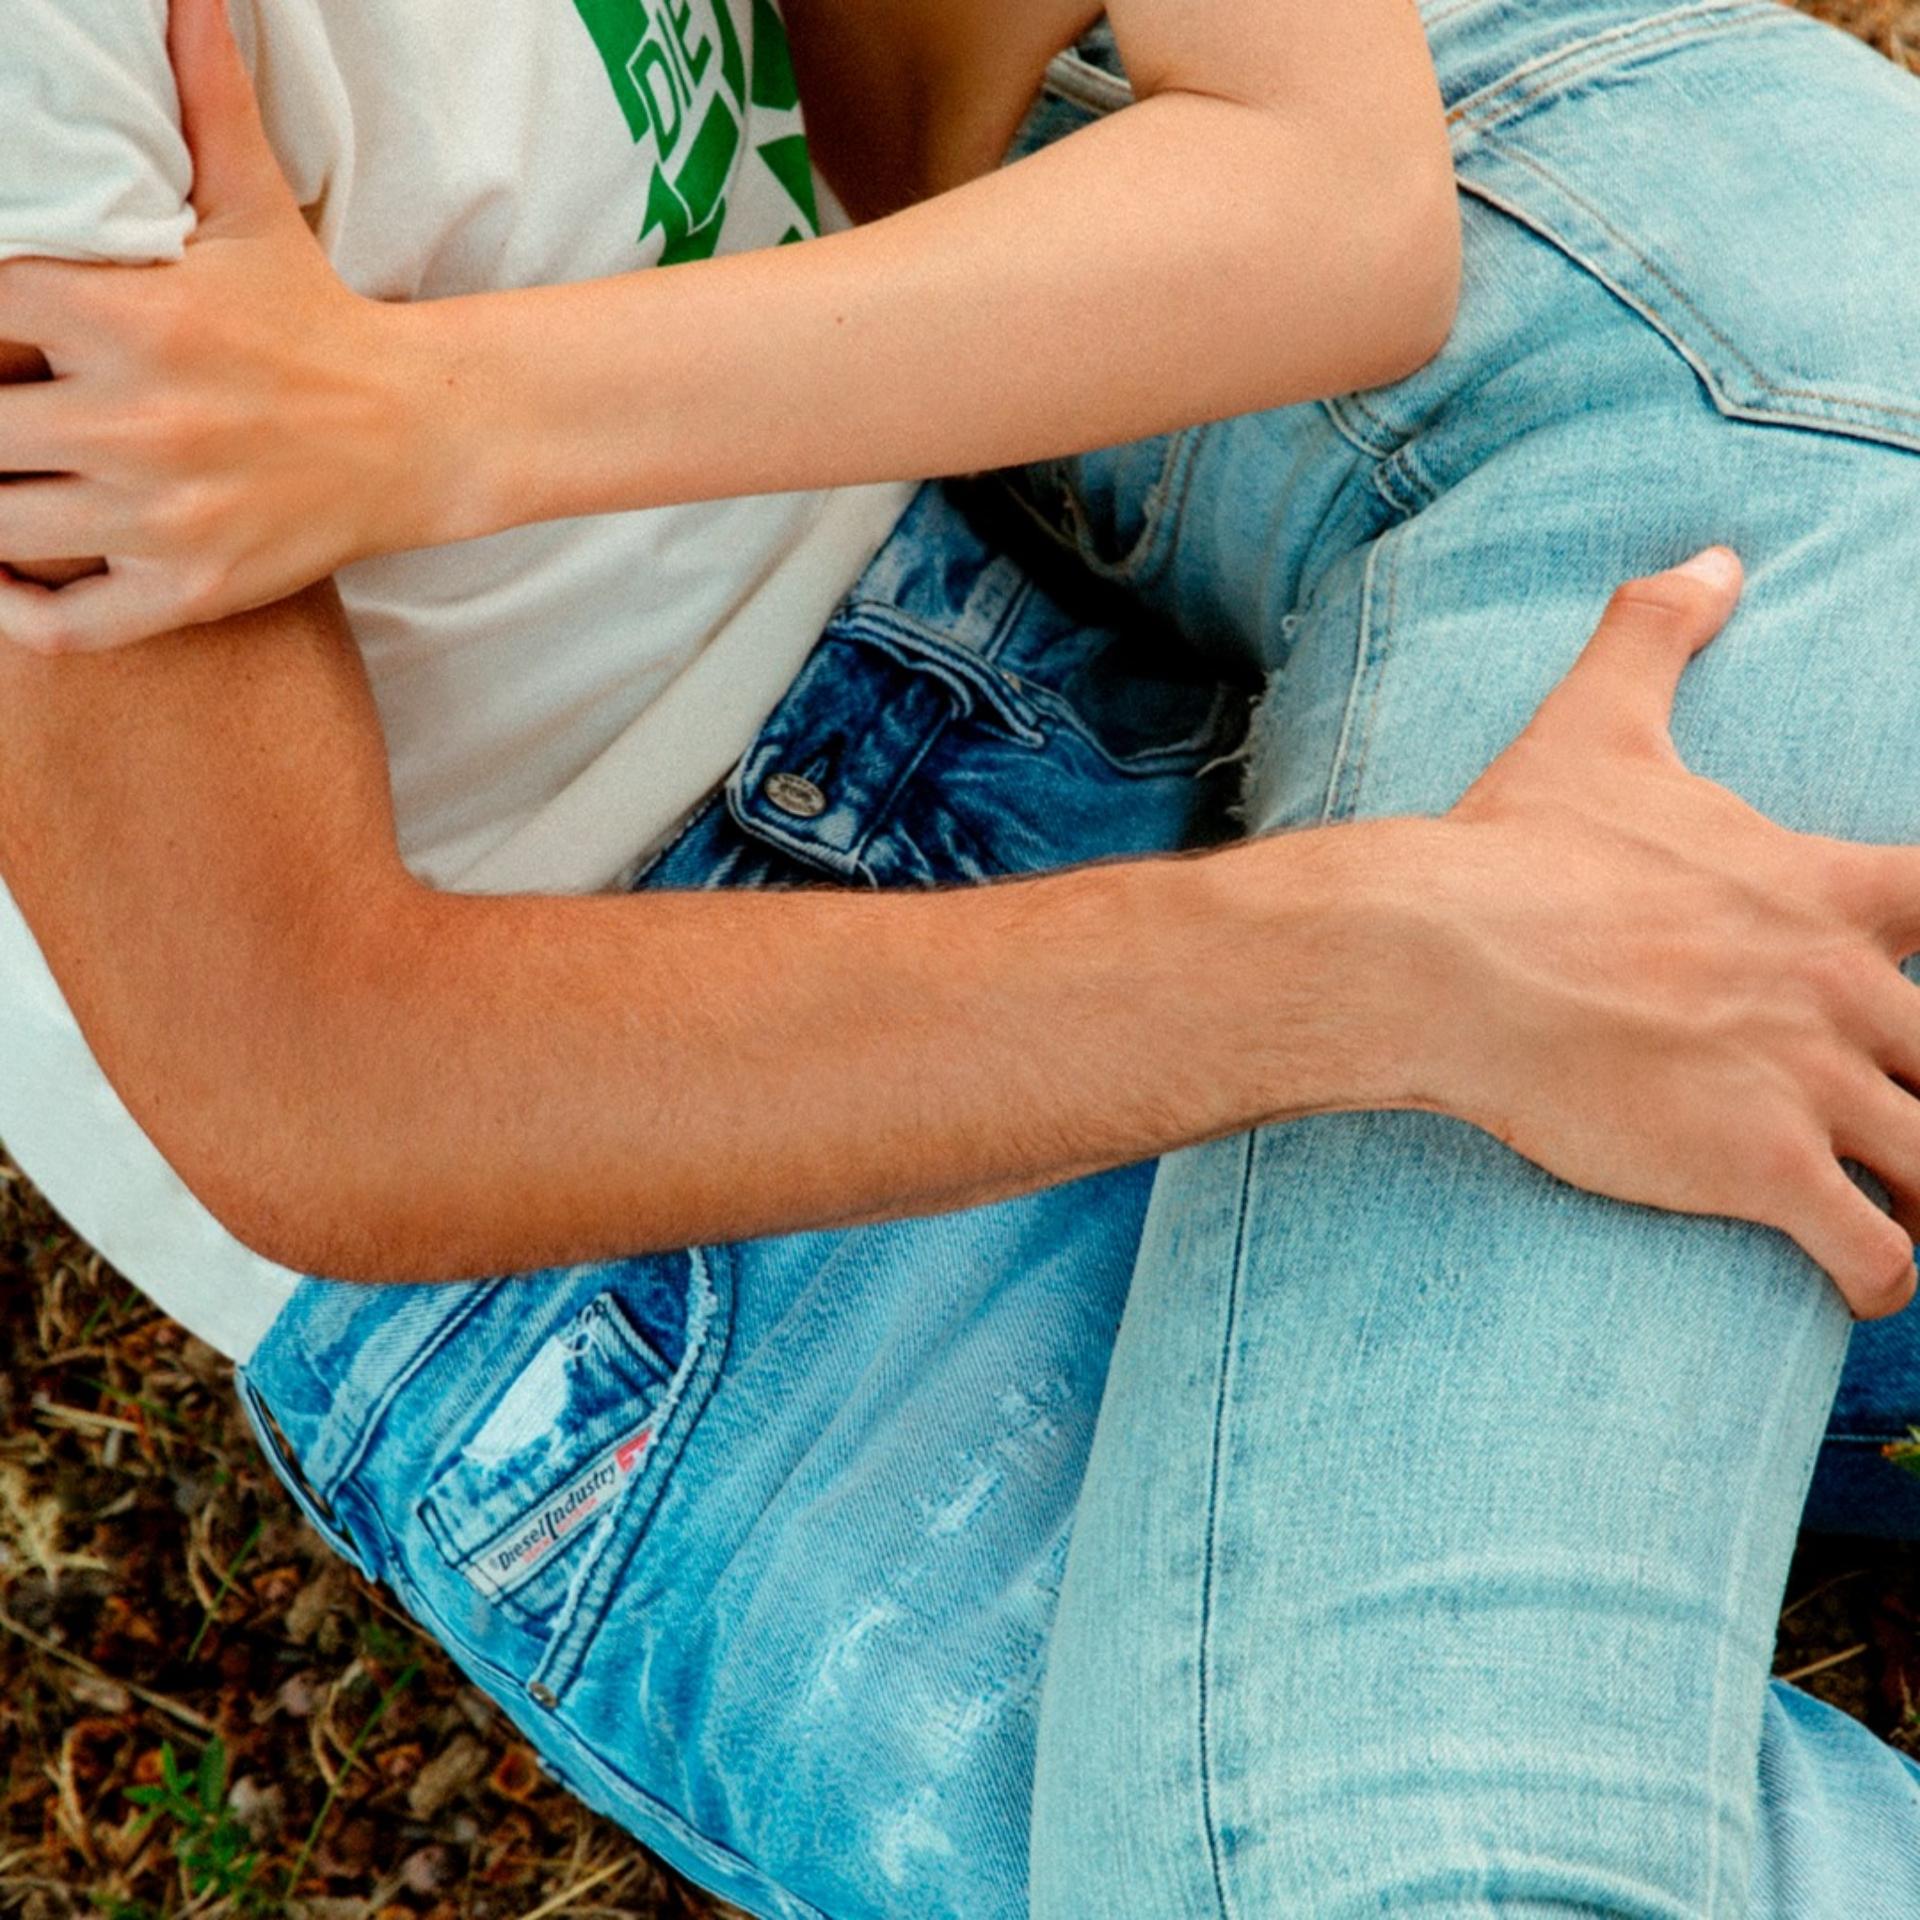 Diesel presentó su nueva línea de jeans ecológicos